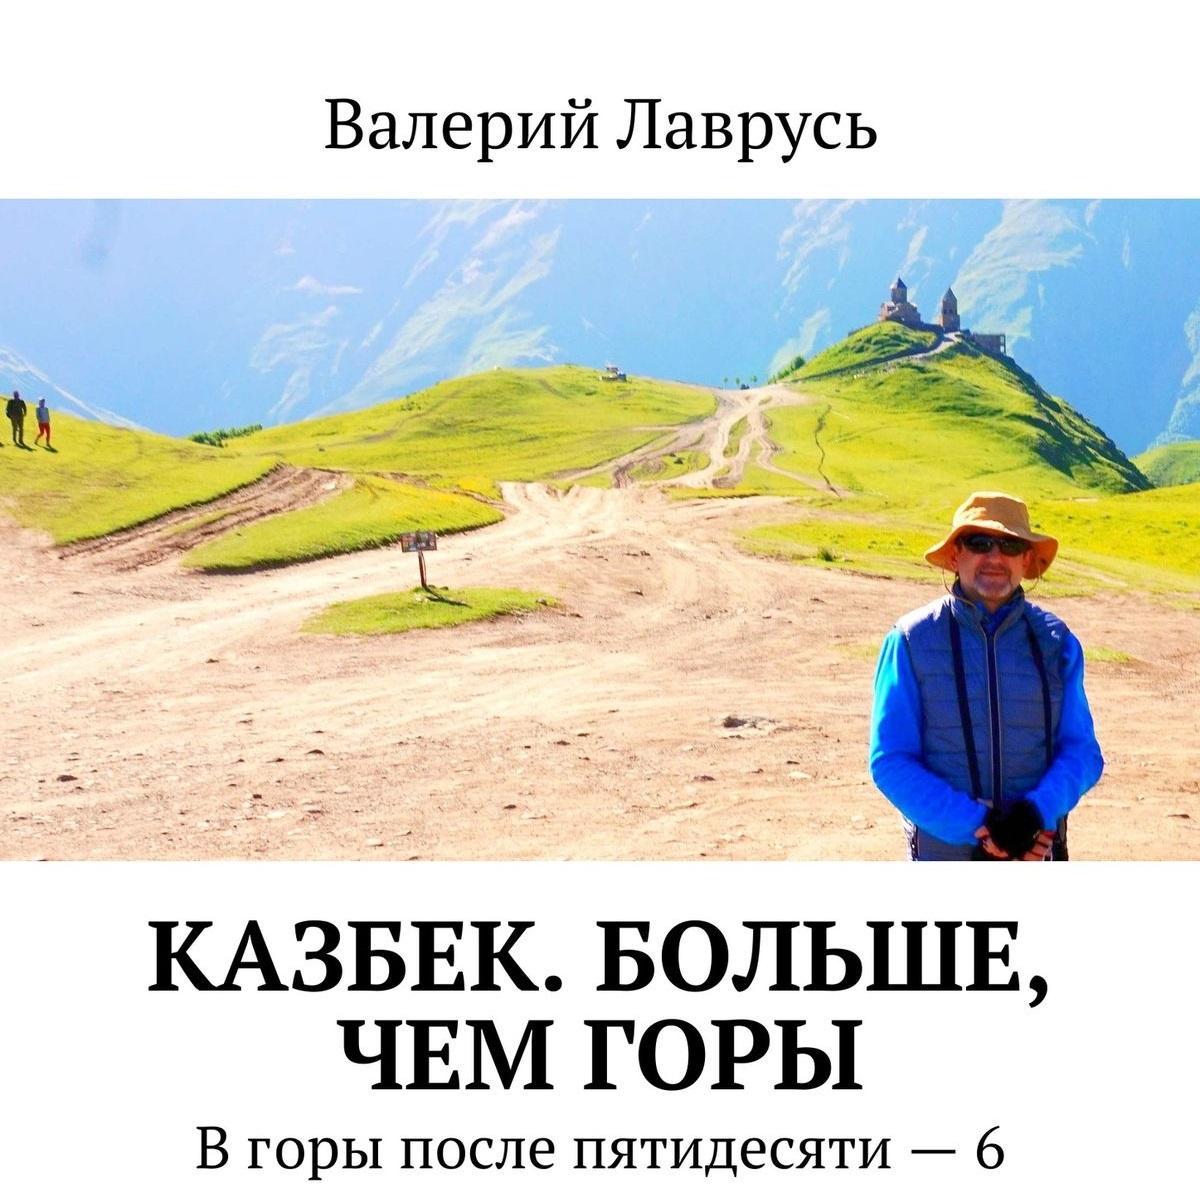 Валерий Лаврусь Казбек. Больше, чемгоры. Вгоры после пятидесяти – 6 килиманджаро с женщиной в горы в горы после пятидесяти – 3